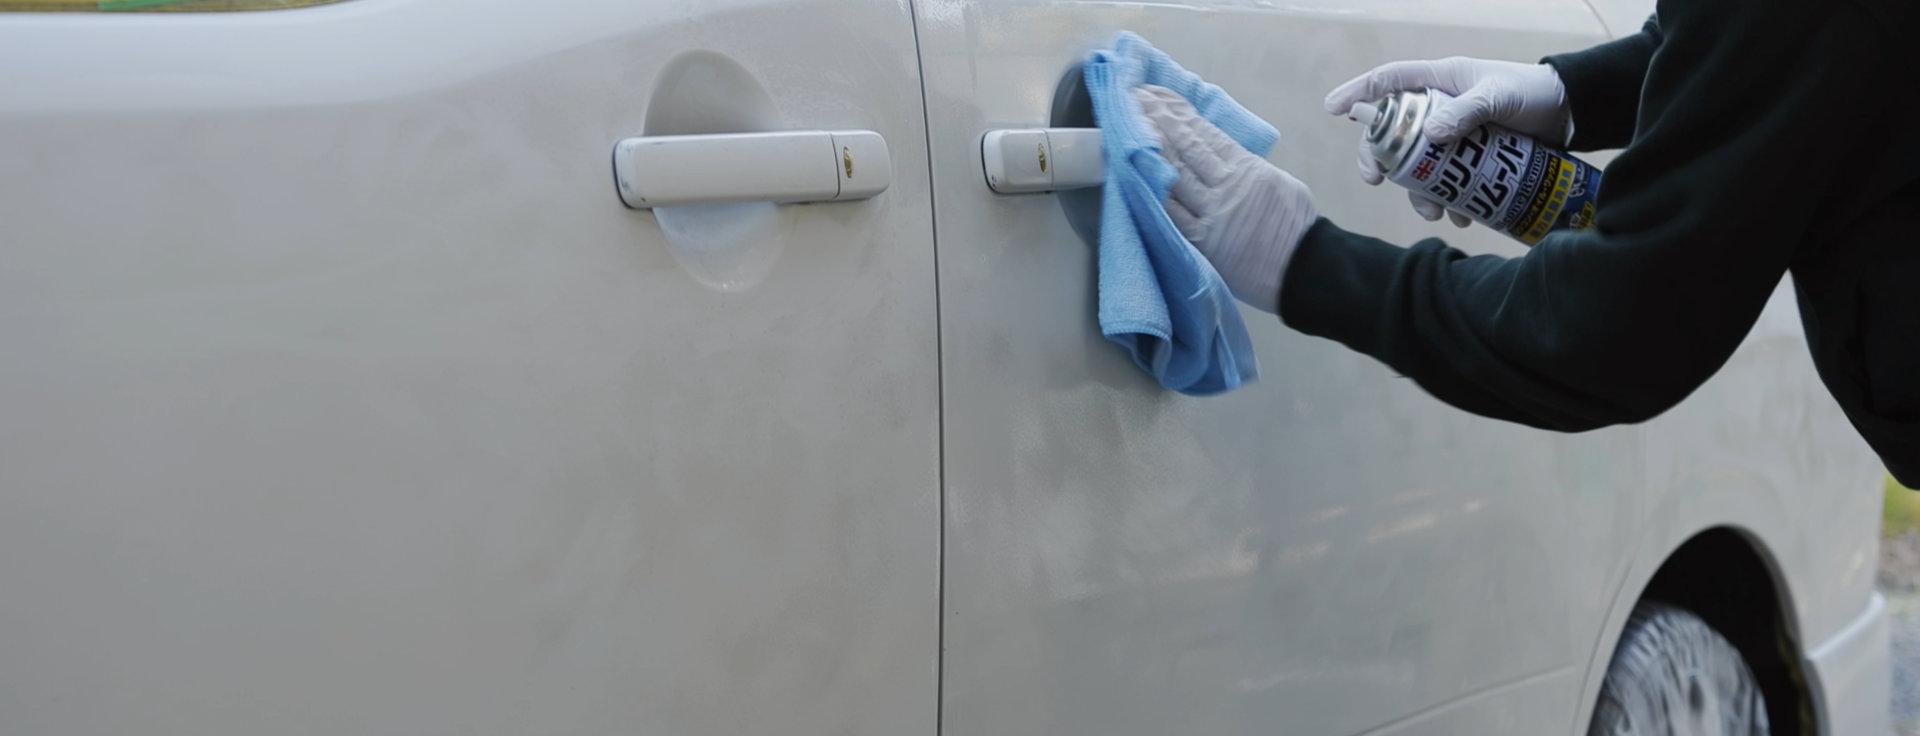 セレナをDIY全塗装 脱脂|車塗装